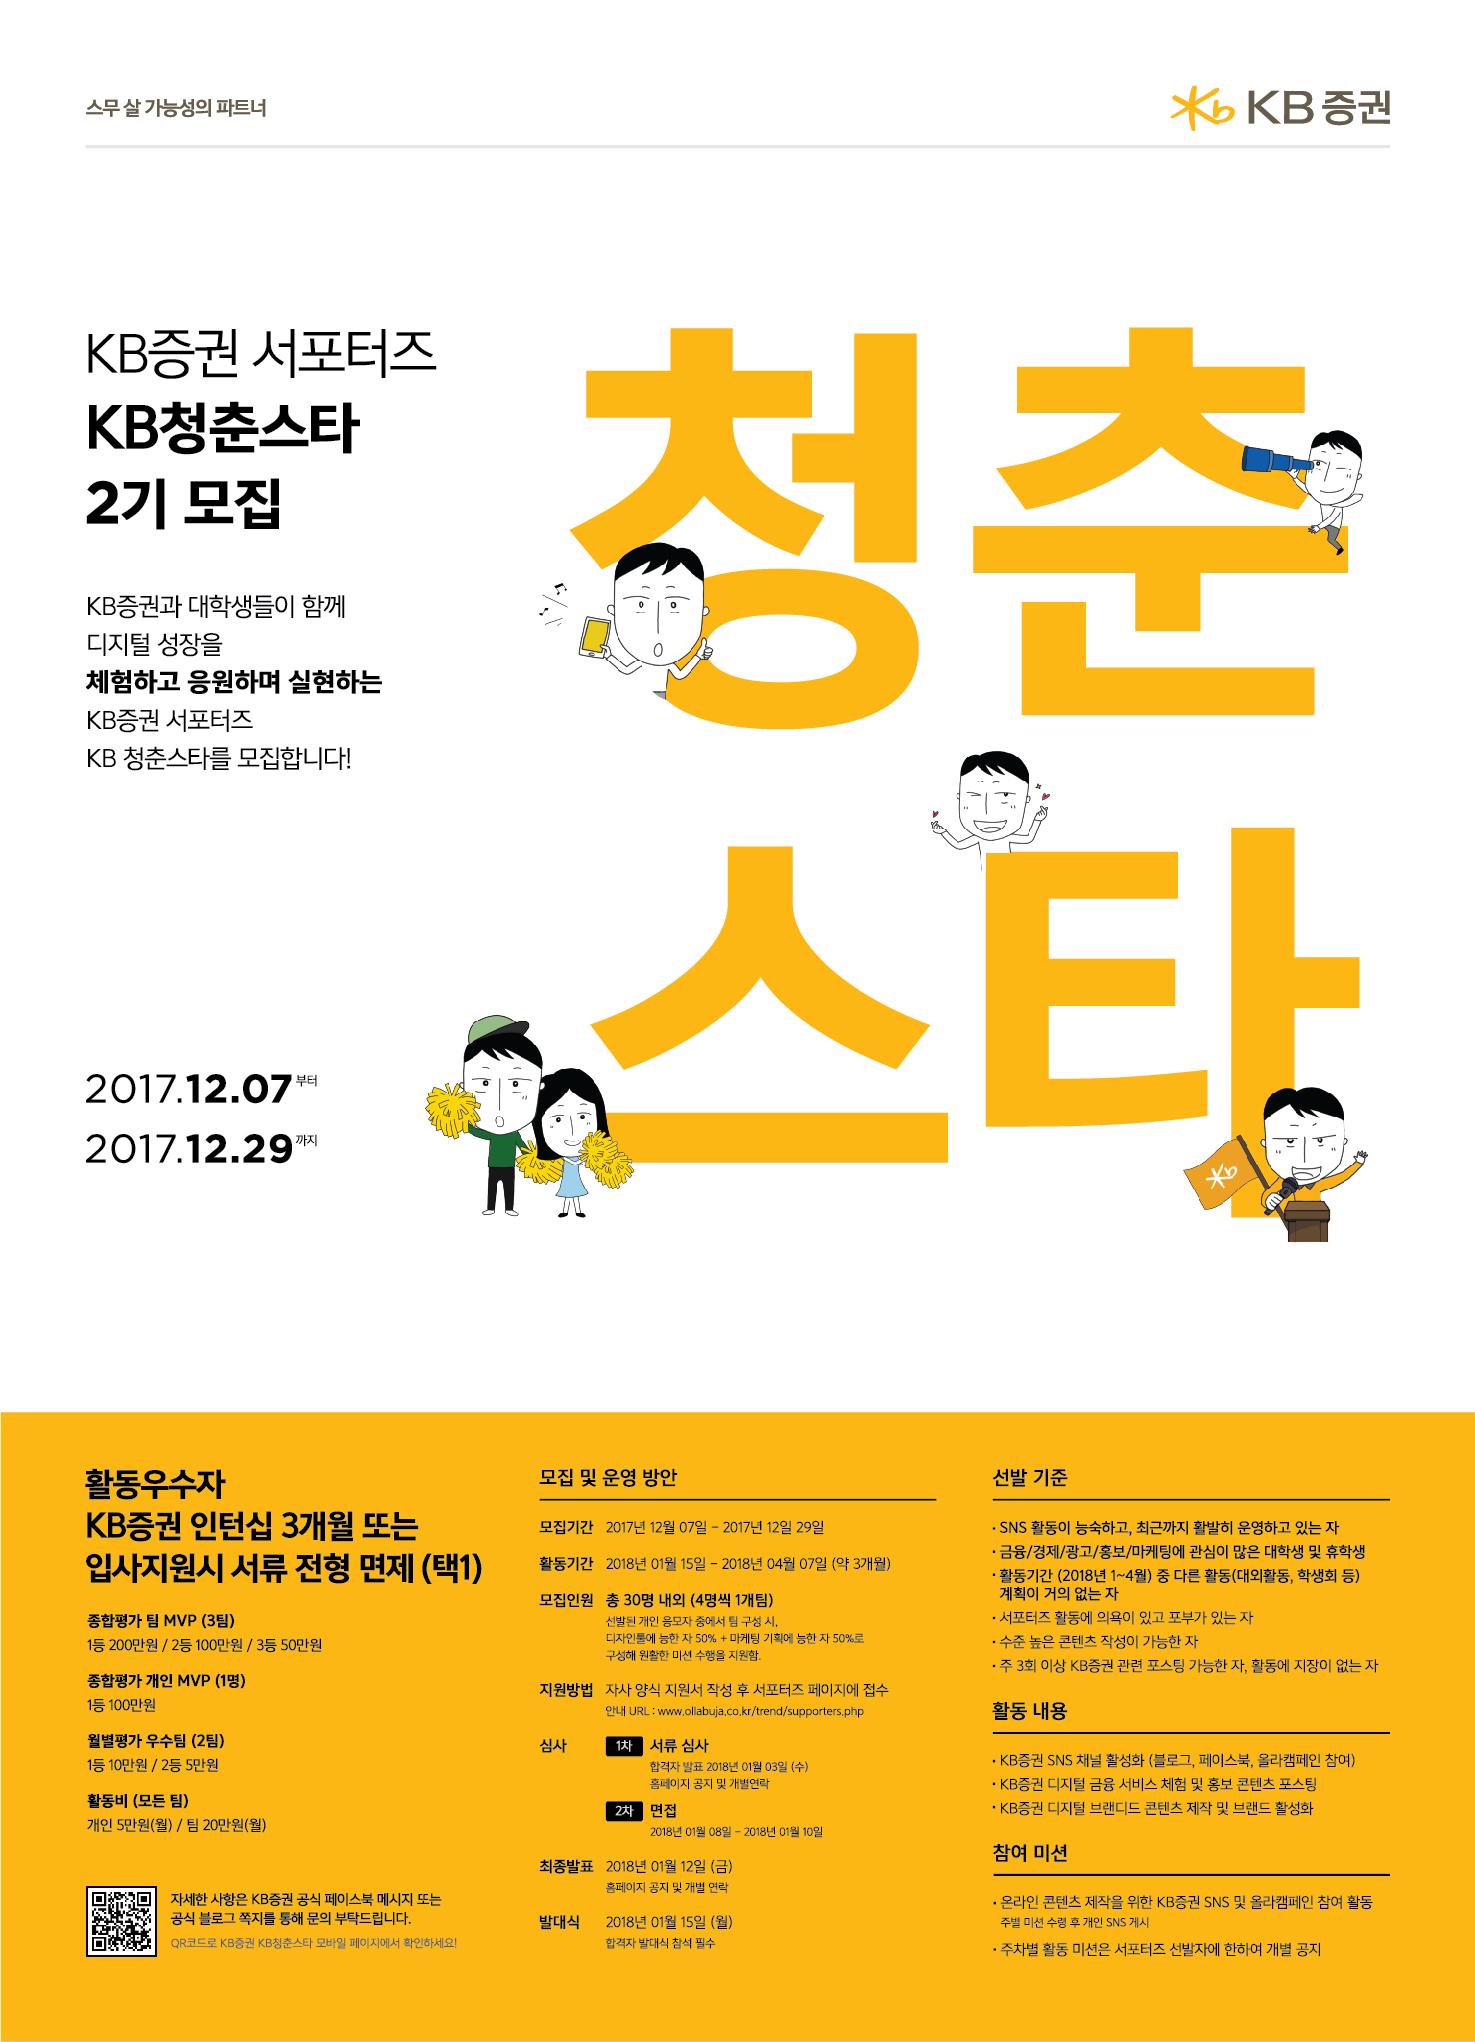 KB증권 서포터즈 KB청춘스타 2기모집